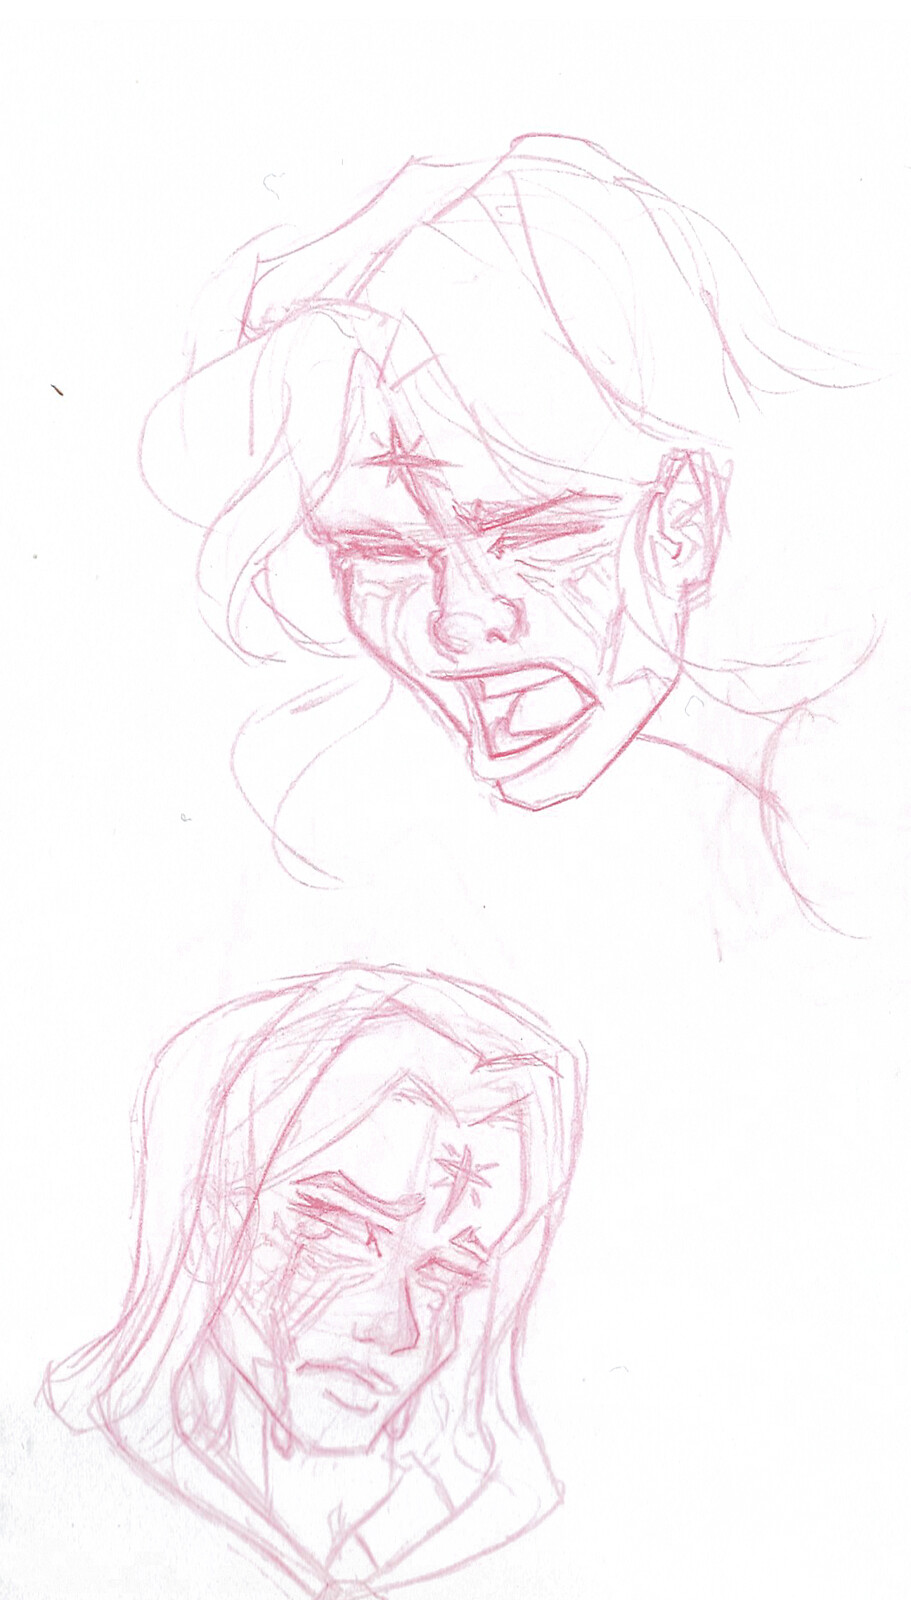 Laerela's sketches